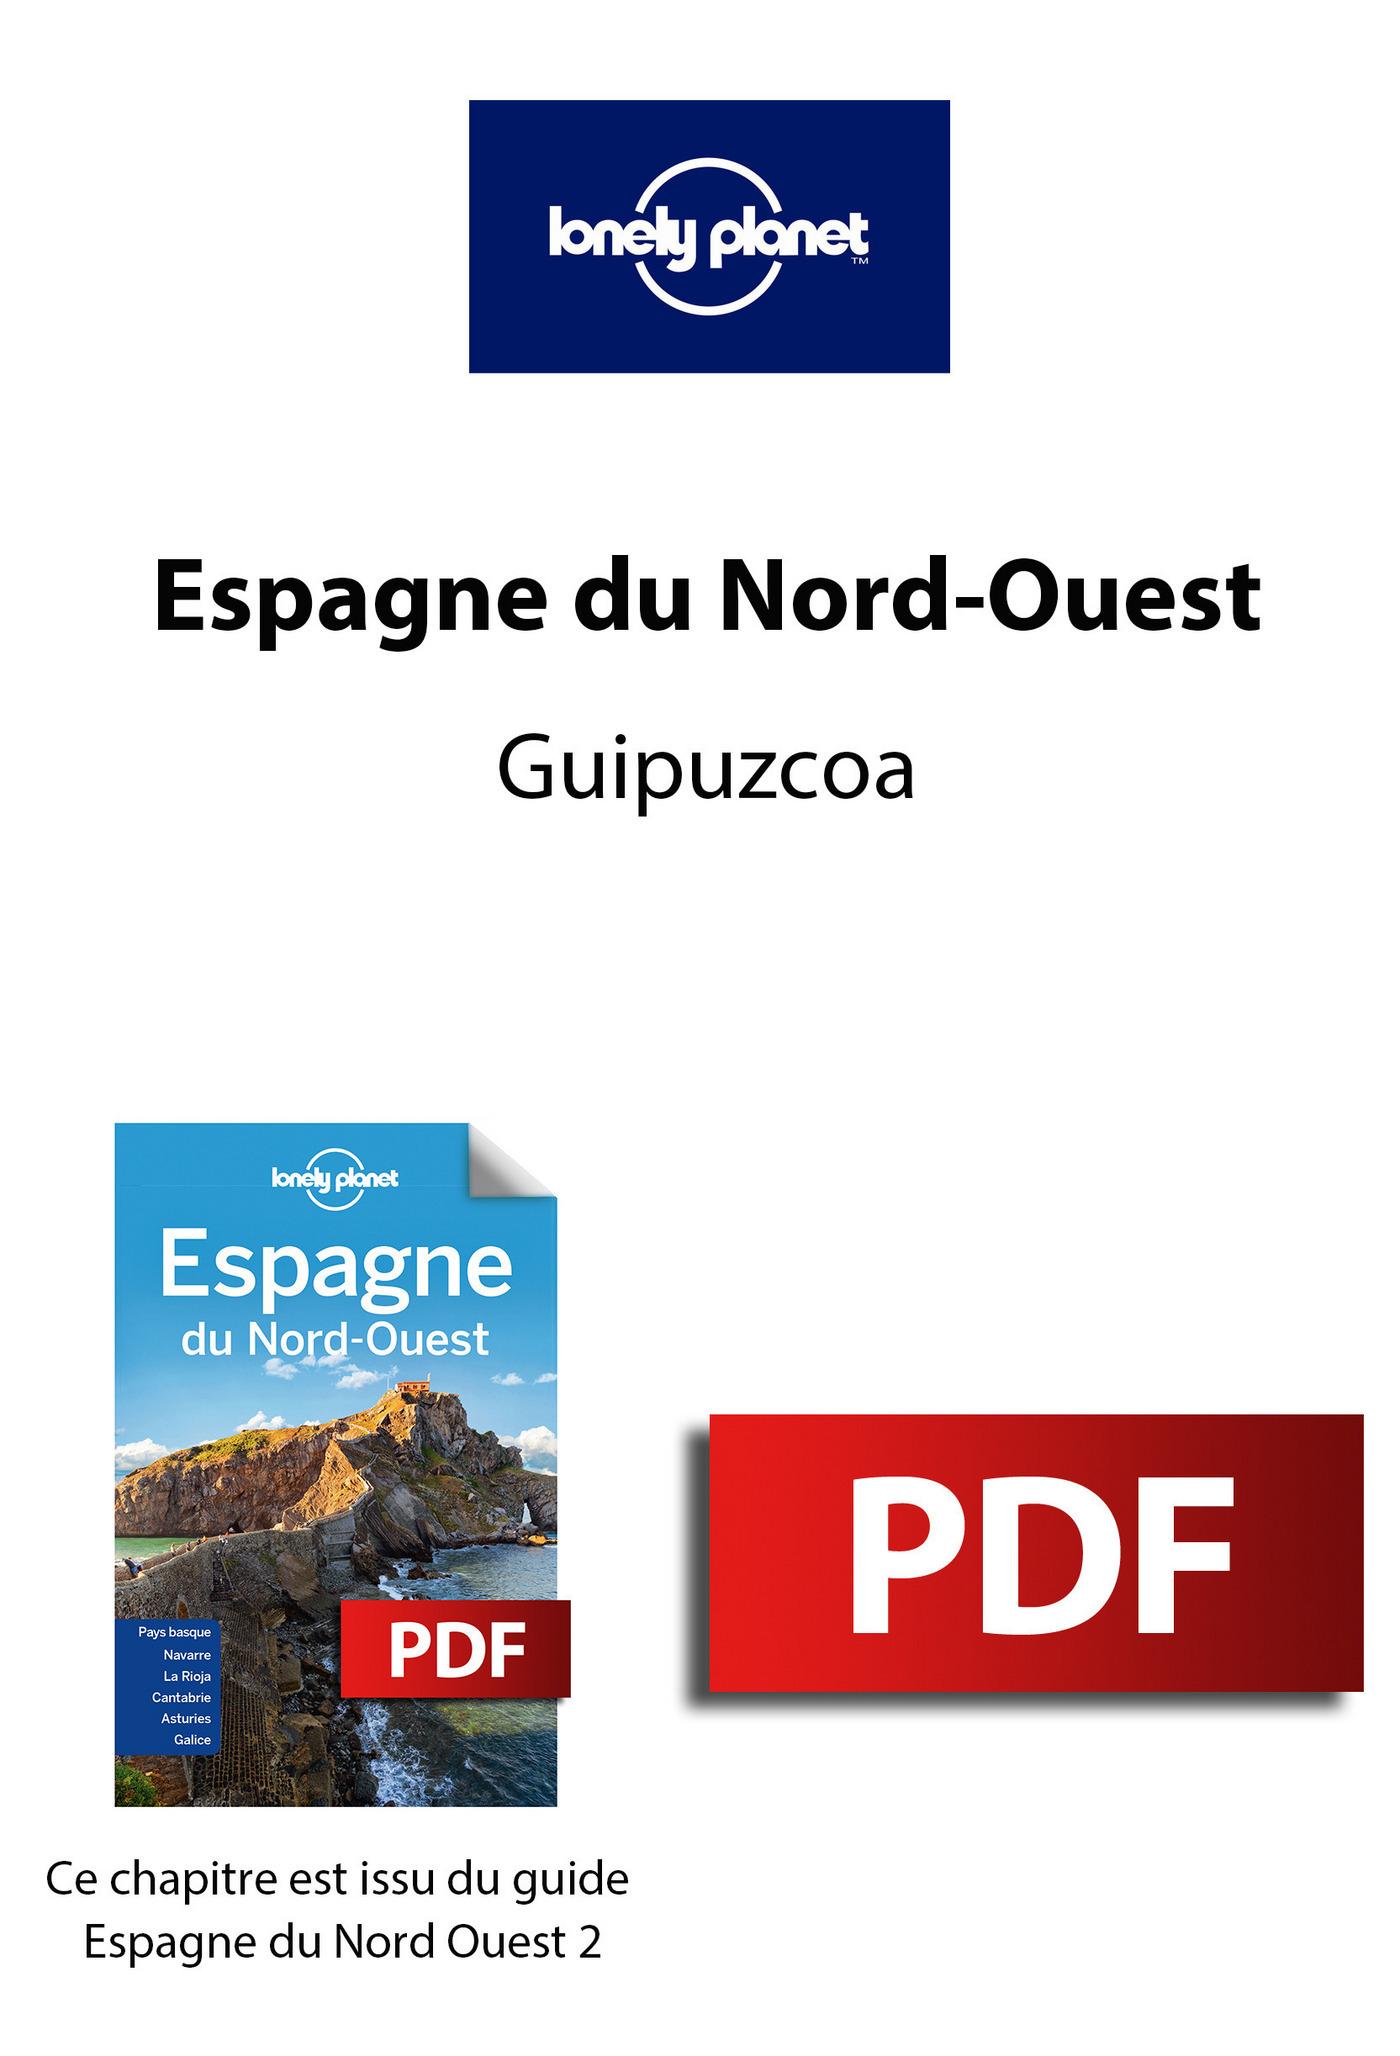 Espagne du Nord-Ouest Guipuzcoa